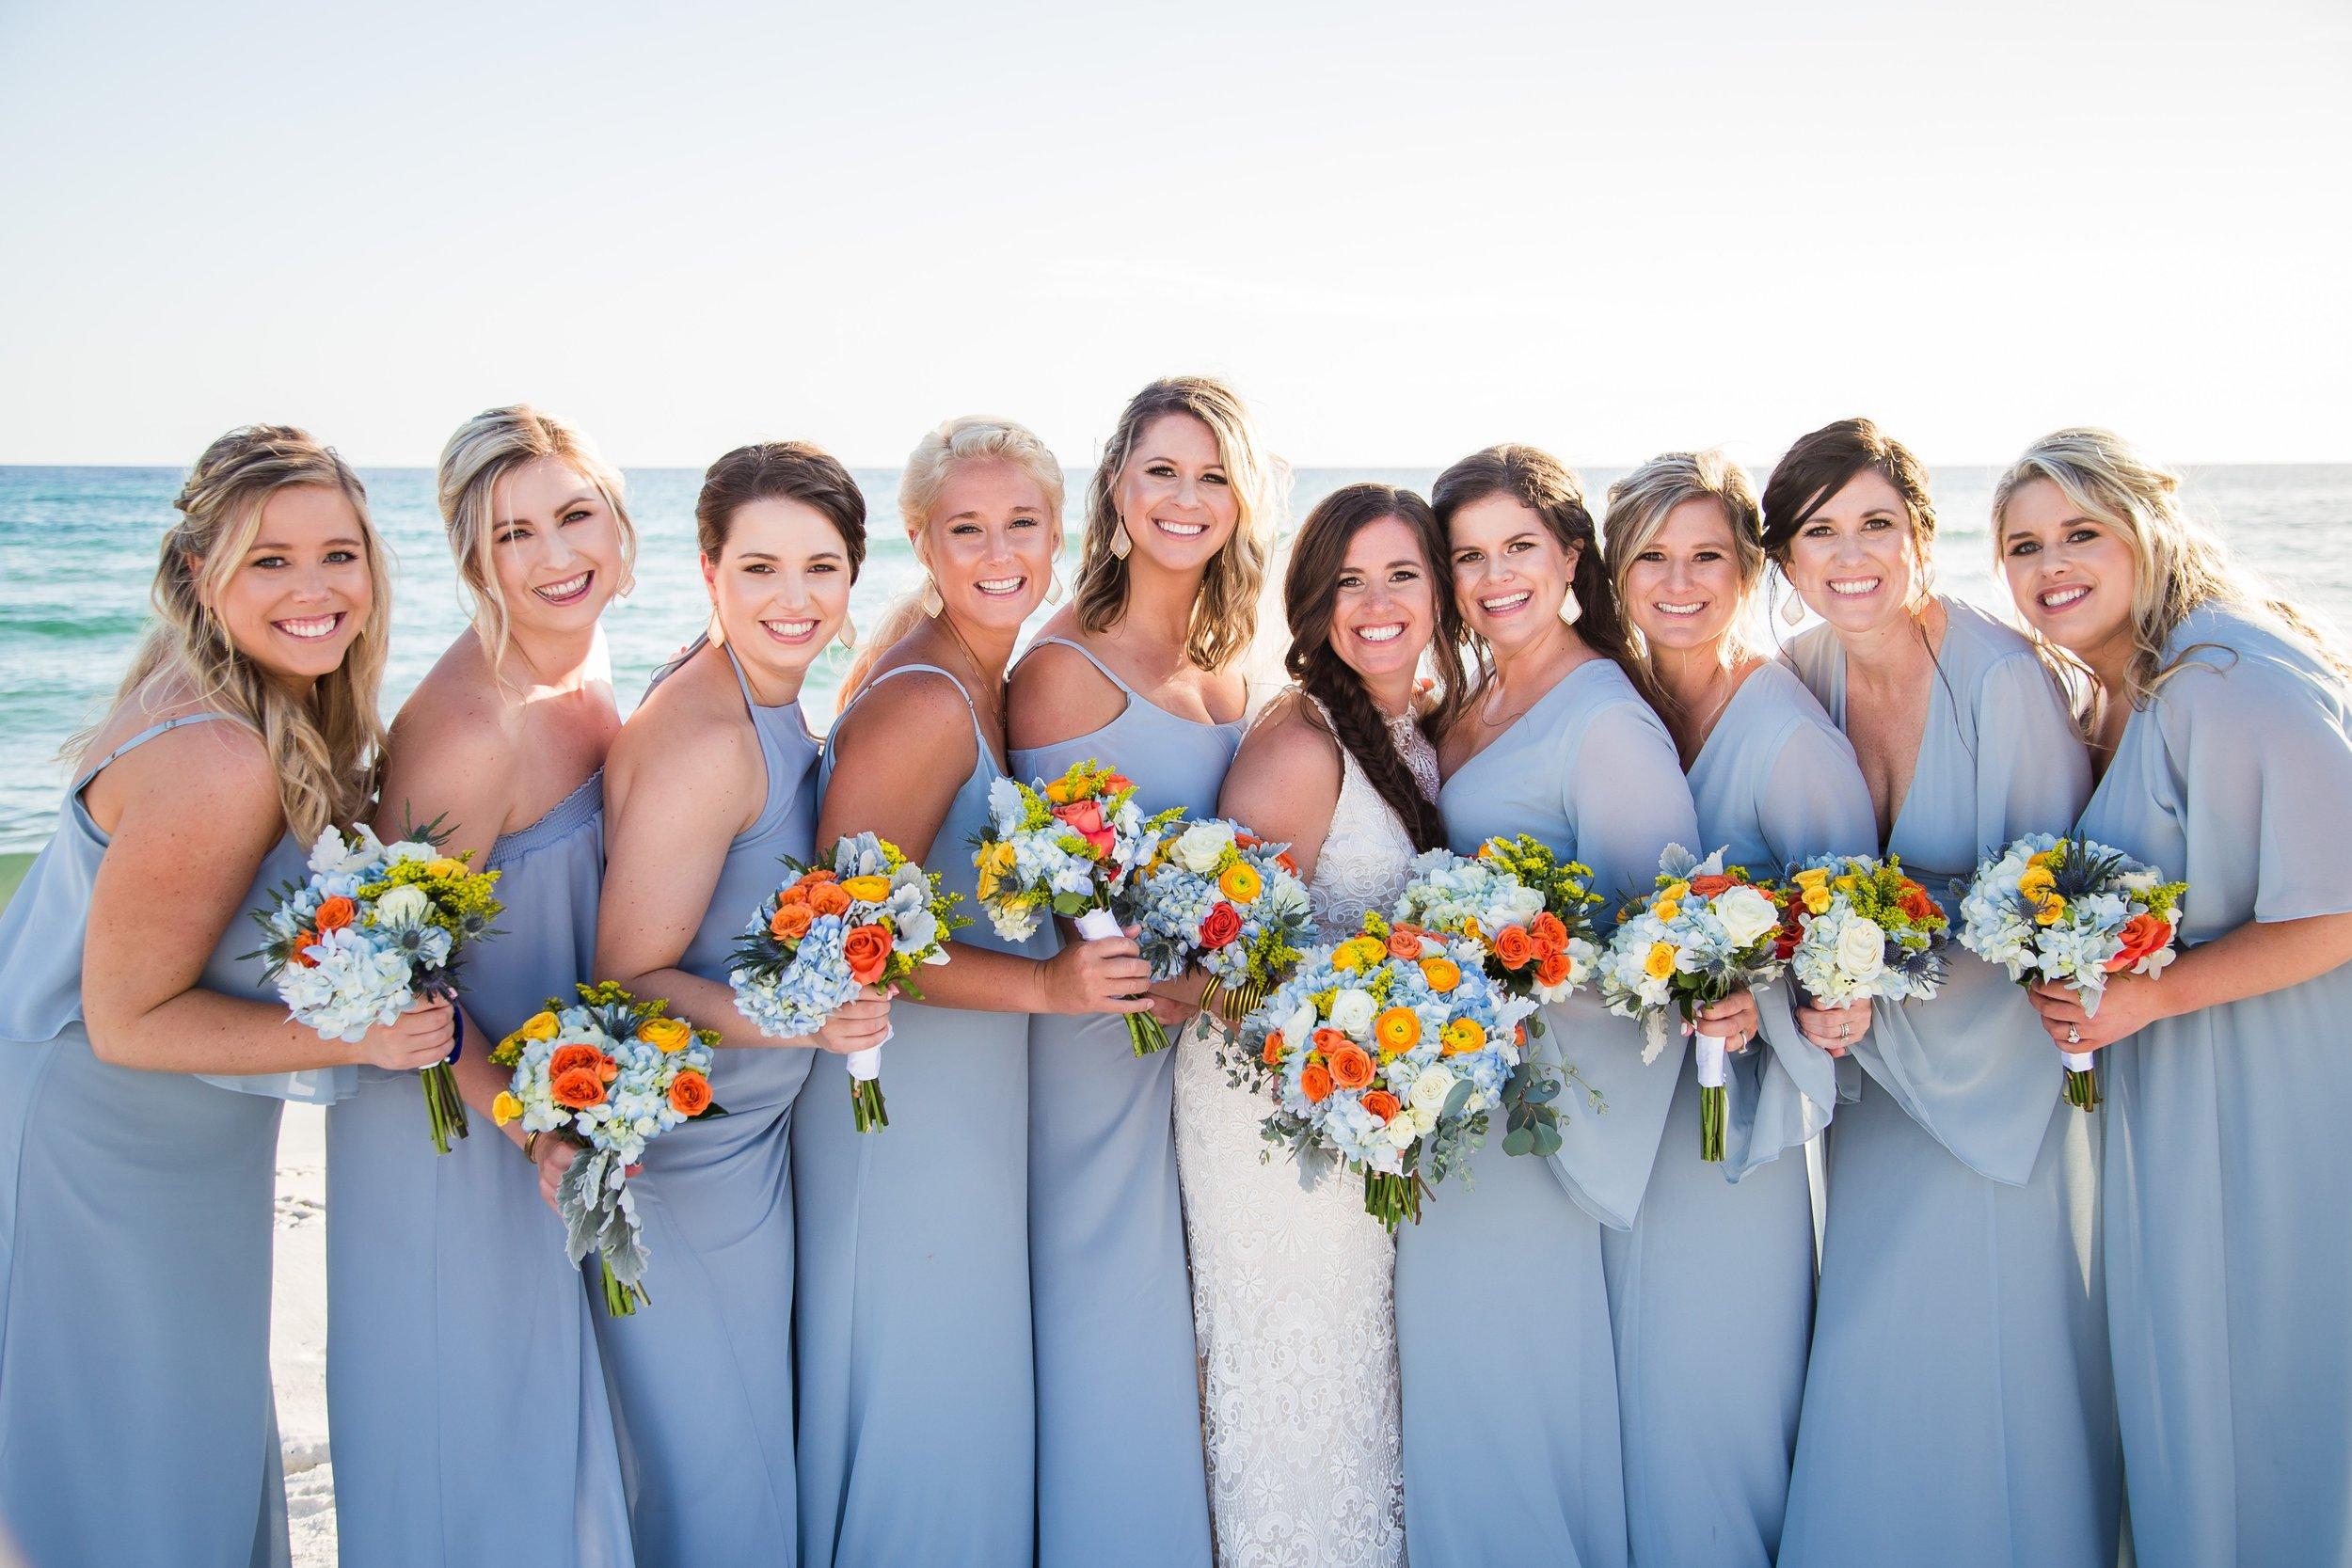 30a-Destin-Florida-Wedding-Photography-Caydee-Matt_039.jpg